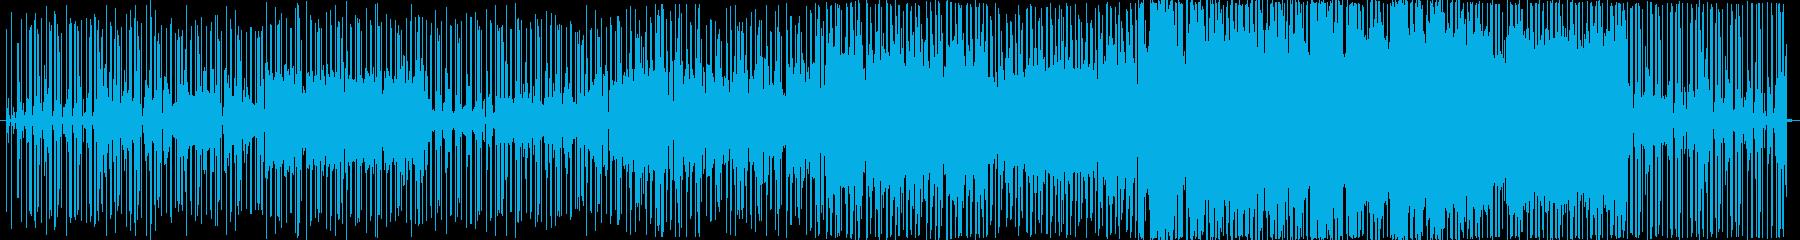 心地よいリズムが揺れるメロウなナンバーの再生済みの波形